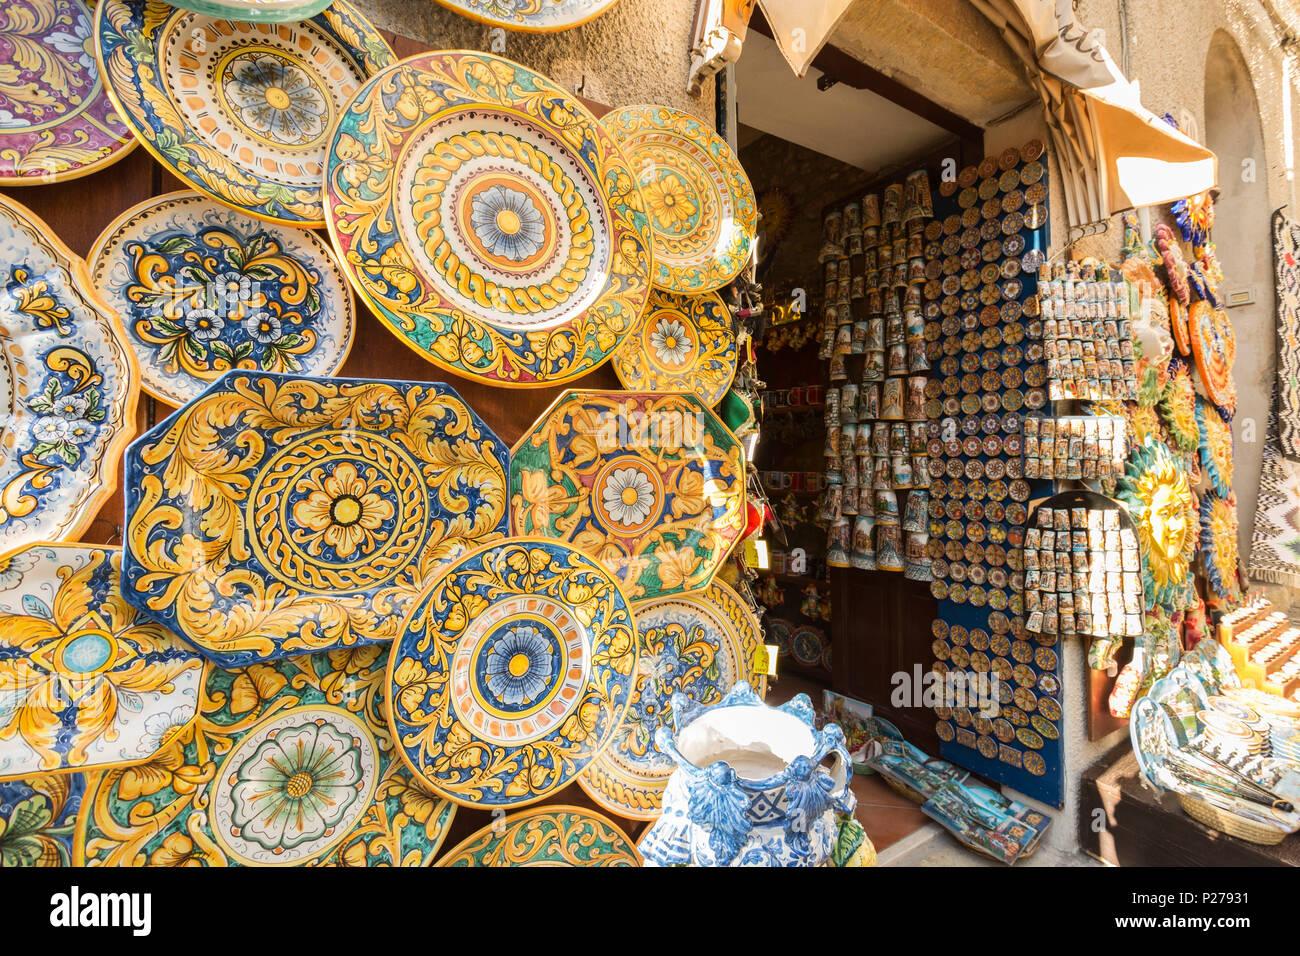 Negozio di ceramiche in Erice, provincia di Trapani, Sicilia, Italia Foto stock - Alamy